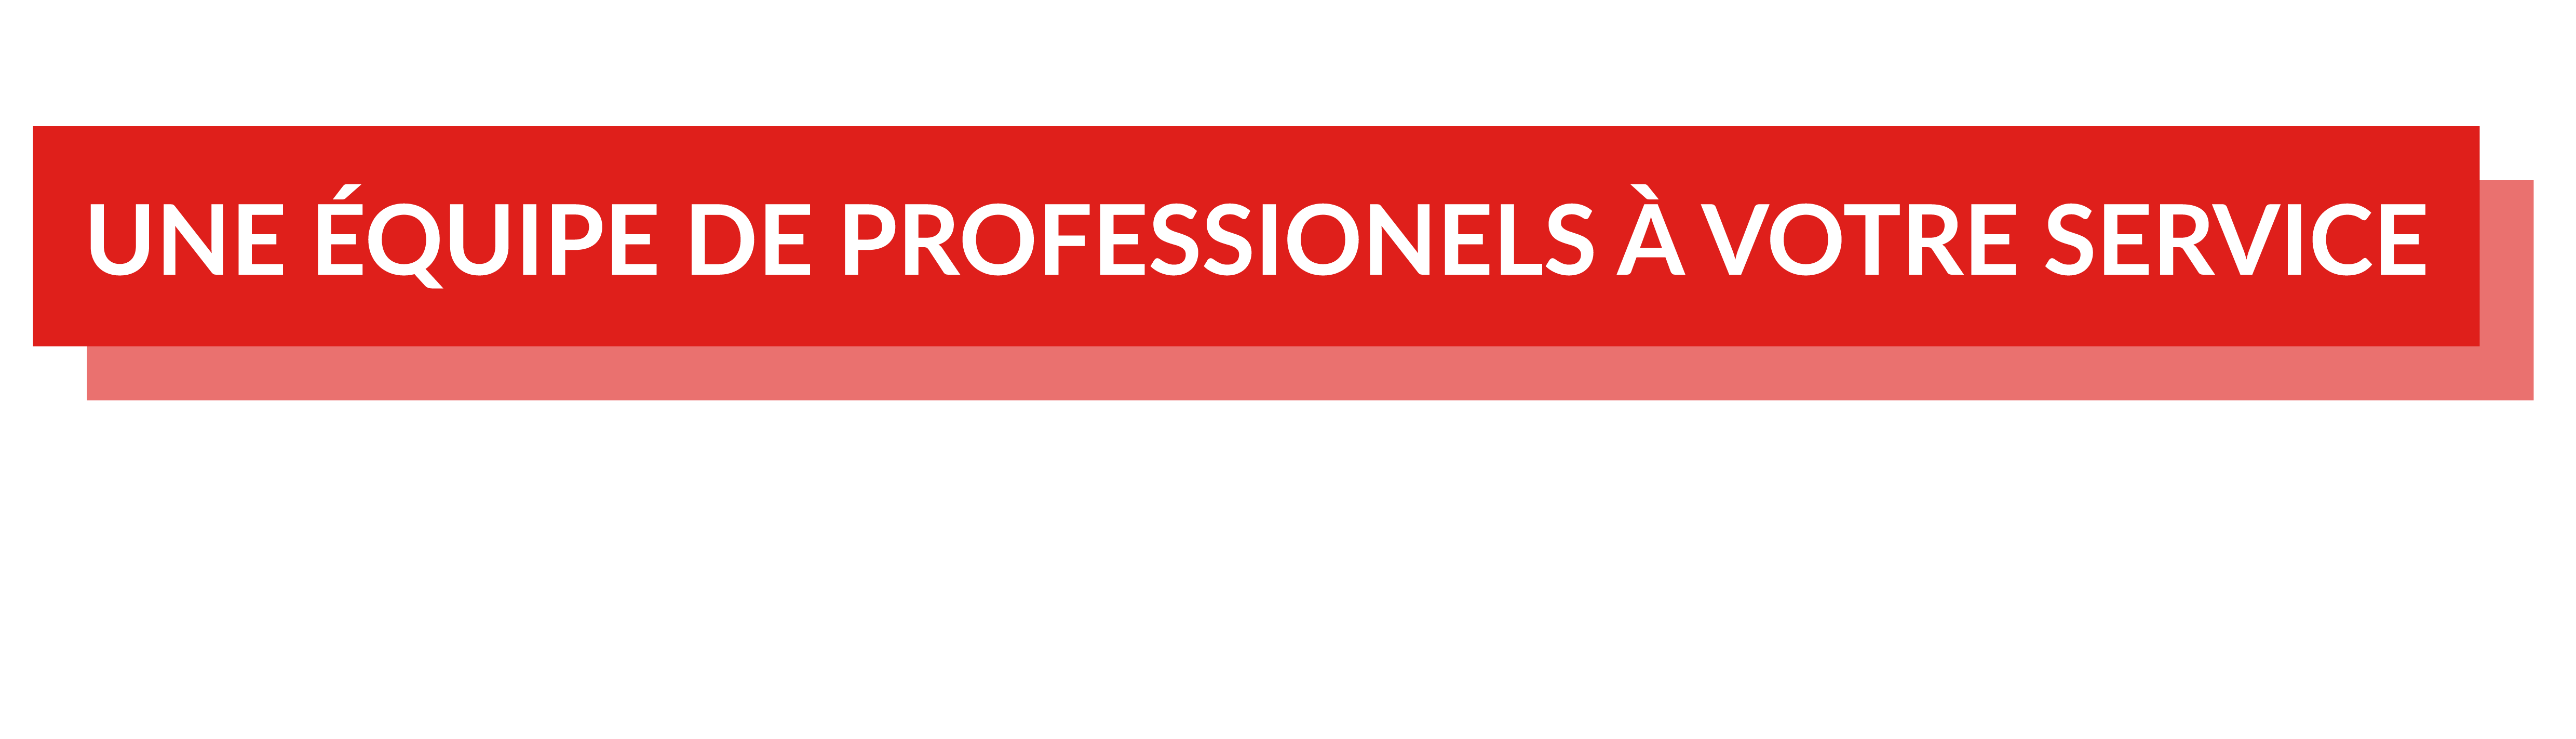 HMC Monaco - Une équipe de professionels à votre écoute